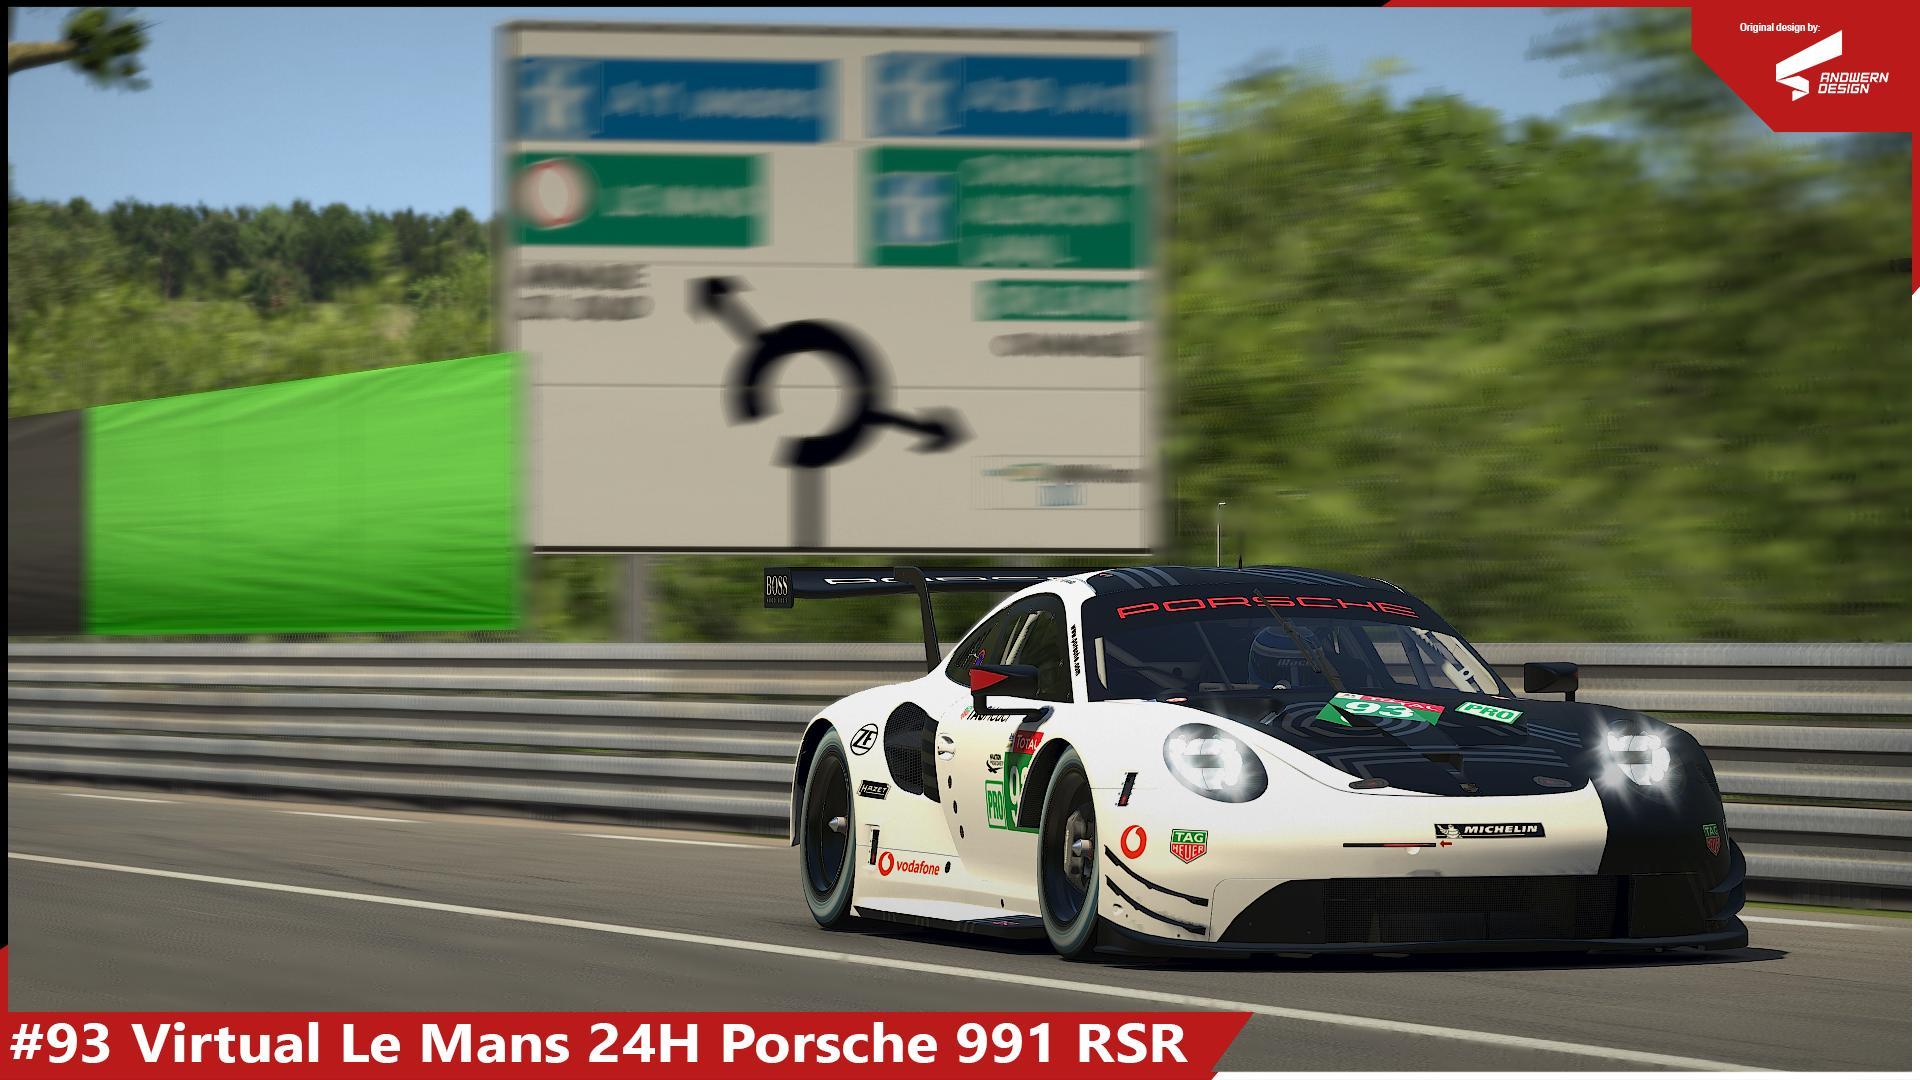 Preview of #93 Virtual LeMans 24H Porsche RSR by Sergio Hernando